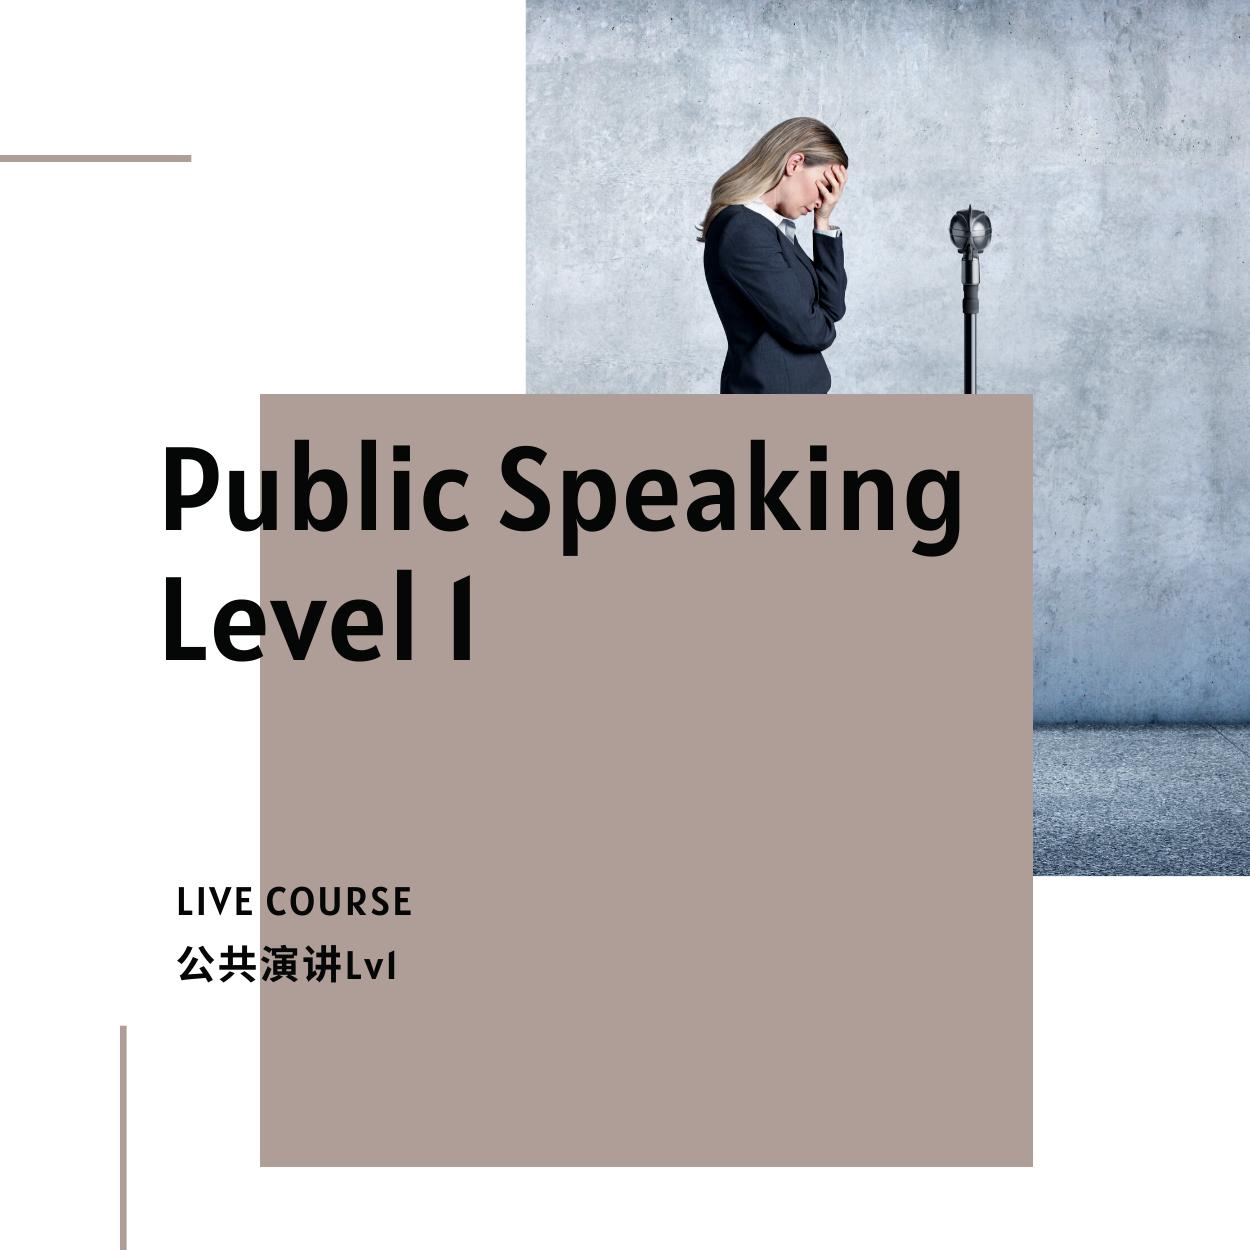 Public Speaking Course 1